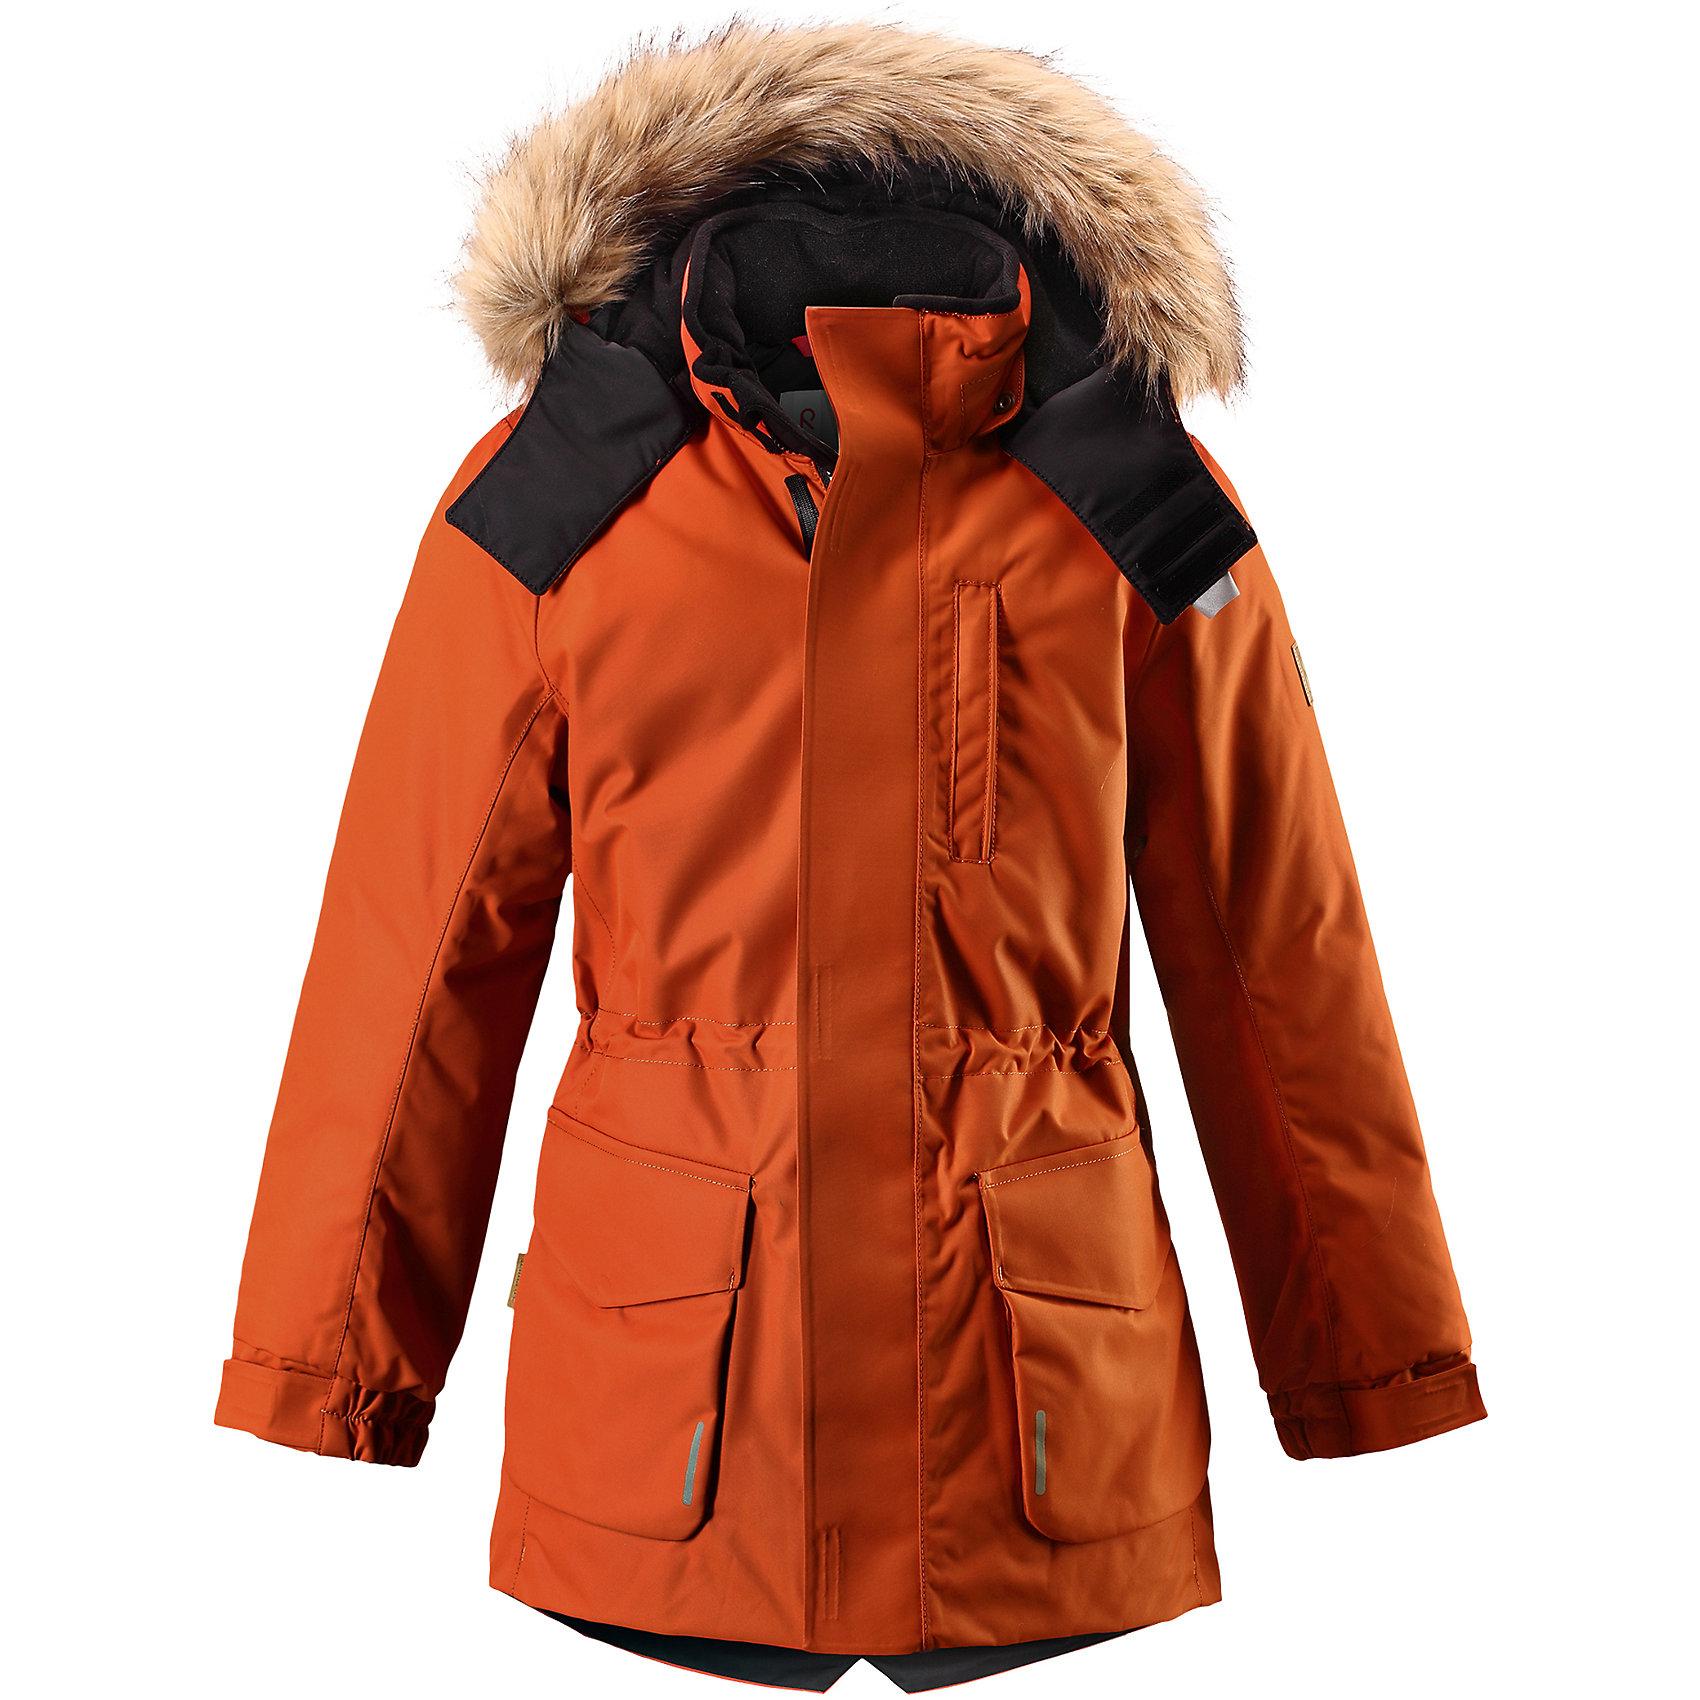 Куртка Reimatec® Reima Naapuri для мальчикаВерхняя одежда<br>Характеристики товара:<br><br>• цвет: красный;<br>• 100% полиэстер, полиуретановое покрытие;<br>• утеплитель: 100% полиэстер 140 г/м2;<br>• сезон: зима;<br>• температурный режим: от 0 до -20С;<br>• водонепроницаемость: 15000 мм;<br>• воздухопроницаемость: 7000 мм;<br>• износостойкость: 30000 циклов (тест Мартиндейла)<br>• особенности: с мехом;<br>• водо- и ветронепроницаемый, дышащий и грязеотталкивающий материал;<br>• все швы проклеены и водонепроницаемы;<br>• гладкая подкладка из полиэстера;<br>• безопасный съемный и регулируемый капюшон;<br>• съемный искусственный мех на капюшоне;<br>• регулируемые манжеты рукавов;<br>• внутренняя регулировка обхвата талии;<br>• внутренний нагрудный карман;<br>• внешний нагрудный карман;<br>• два накладных кармана;<br>• петля для крепления ключей или дополнительных светоотражателей;<br>• светоотражающие элементы;<br>• страна бренда: Финляндия;<br>• страна производства: Китай.<br><br>Удлиненная зимняя куртка из специального водо-и ветронепроницаемого материала хорошо пропускает воздух и обладает водо и грязеотталкивающими свойствами. Все швы проклеены и водонепроницаемы, так что дети могут наслаждаться веселыми зимними забавами в любую погоду. У этой модели прямой покрой с регулируемой талией и подолом, так что при желании силуэт можно сделать более приталенным. <br><br>Куртка снабжена двумя большими карманами с клапанами и двумя нагрудными карманами, один из которых на молнии. Удобная петелька, спрятанная в кармане с клапаном – к ней можно прикрепить светоотражатель или ключи. Безопасный съемный капюшон с элегантной съемной оторочкой из искусственного меха. Эта куртка очень проста в уходе, кроме того, ее можно сушить в стиральной машине.<br><br>Куртку Naapuri для мальчика Reimatec® Reima (Рейма) можно купить в нашем интернет-магазине.<br><br>Ширина мм: 356<br>Глубина мм: 10<br>Высота мм: 245<br>Вес г: 519<br>Цвет: оранжевый<br>Возраст от месяцев: 144<br>Возраст до месяц